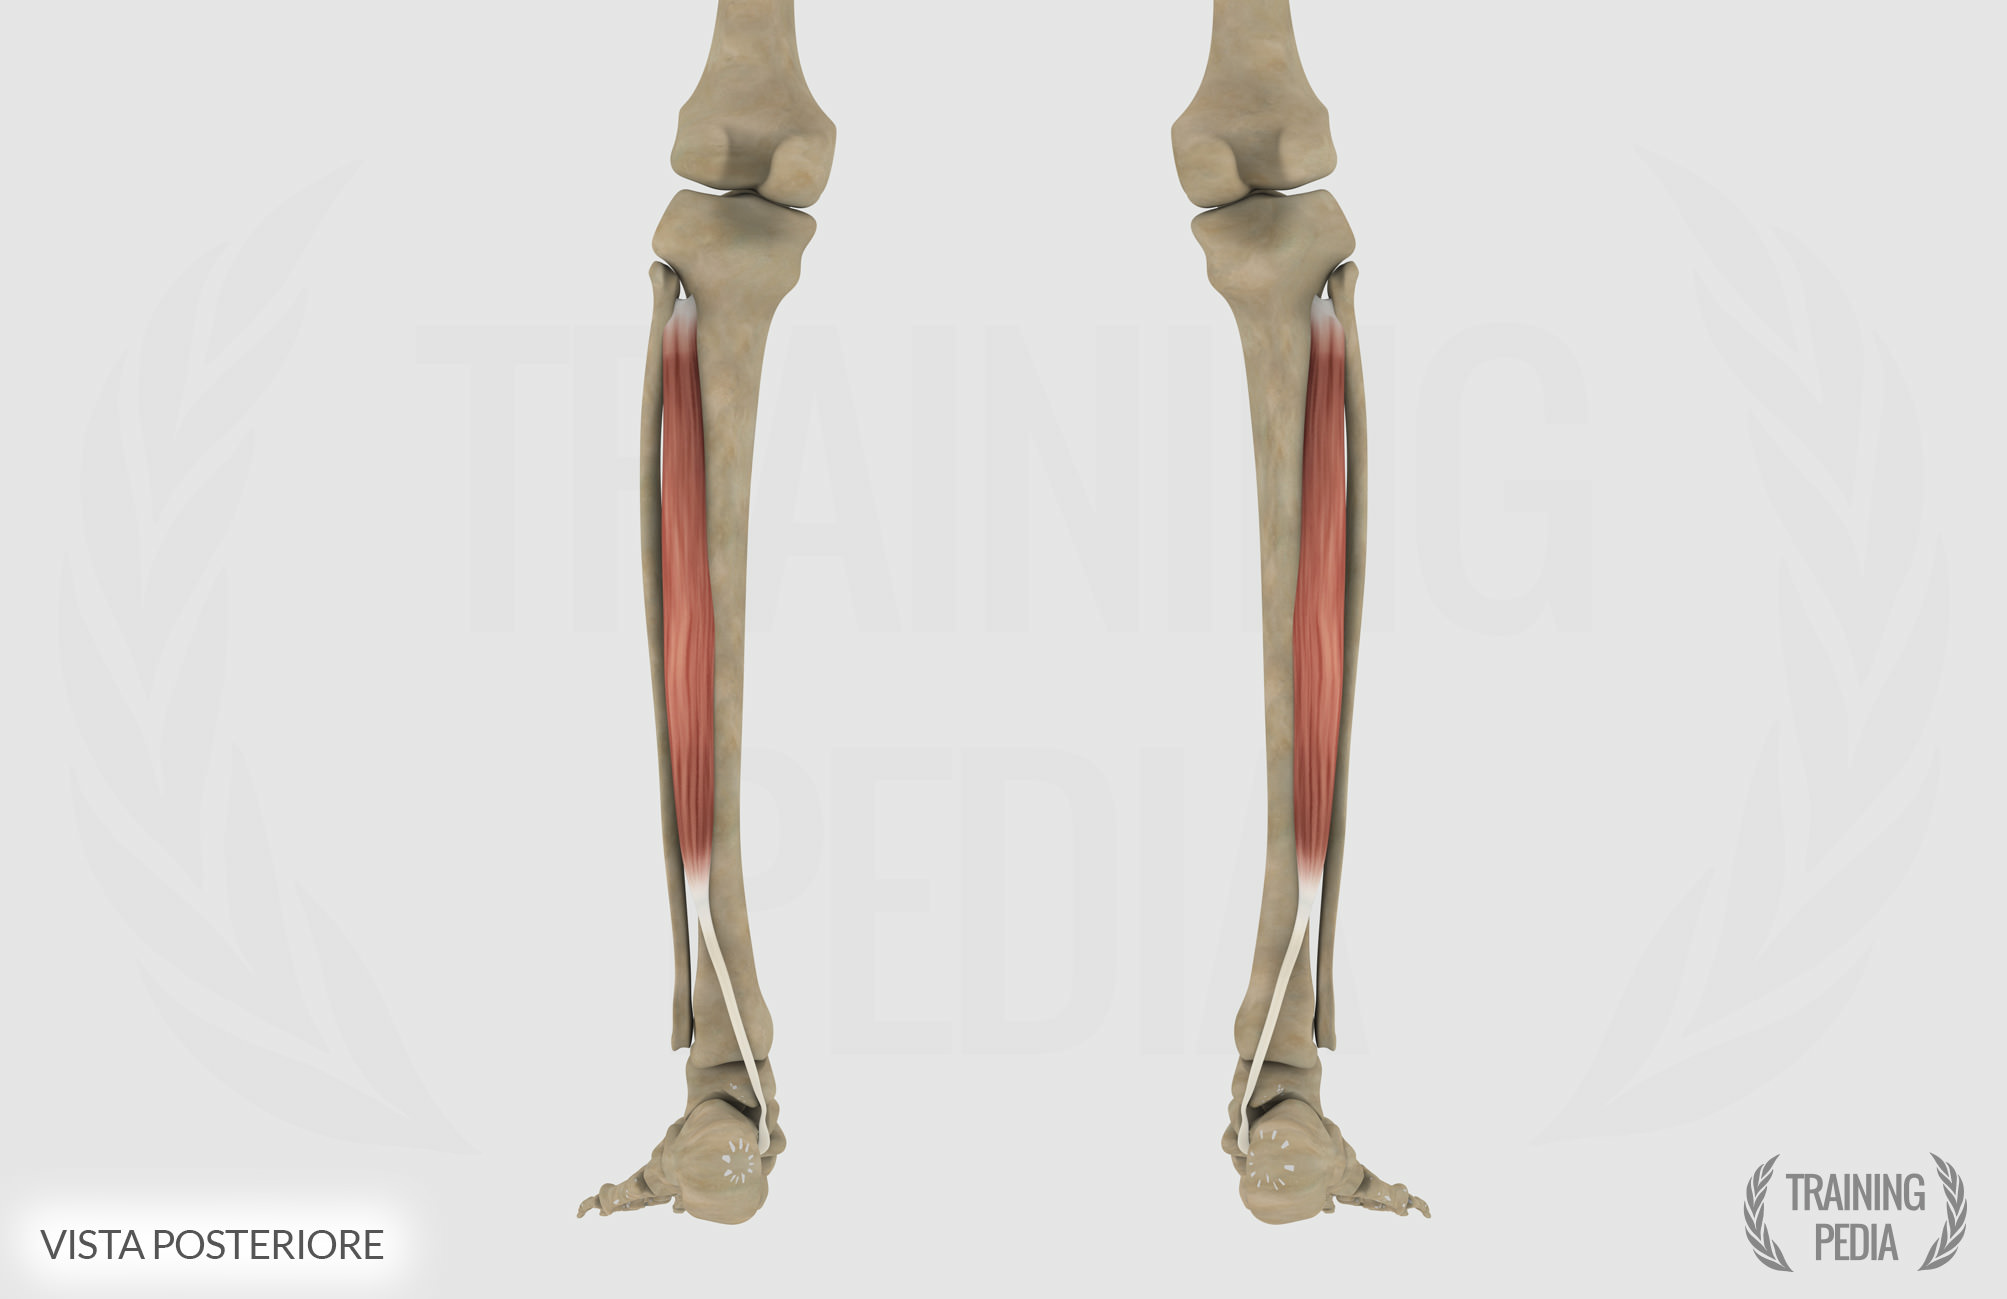 Tibiale posteriore